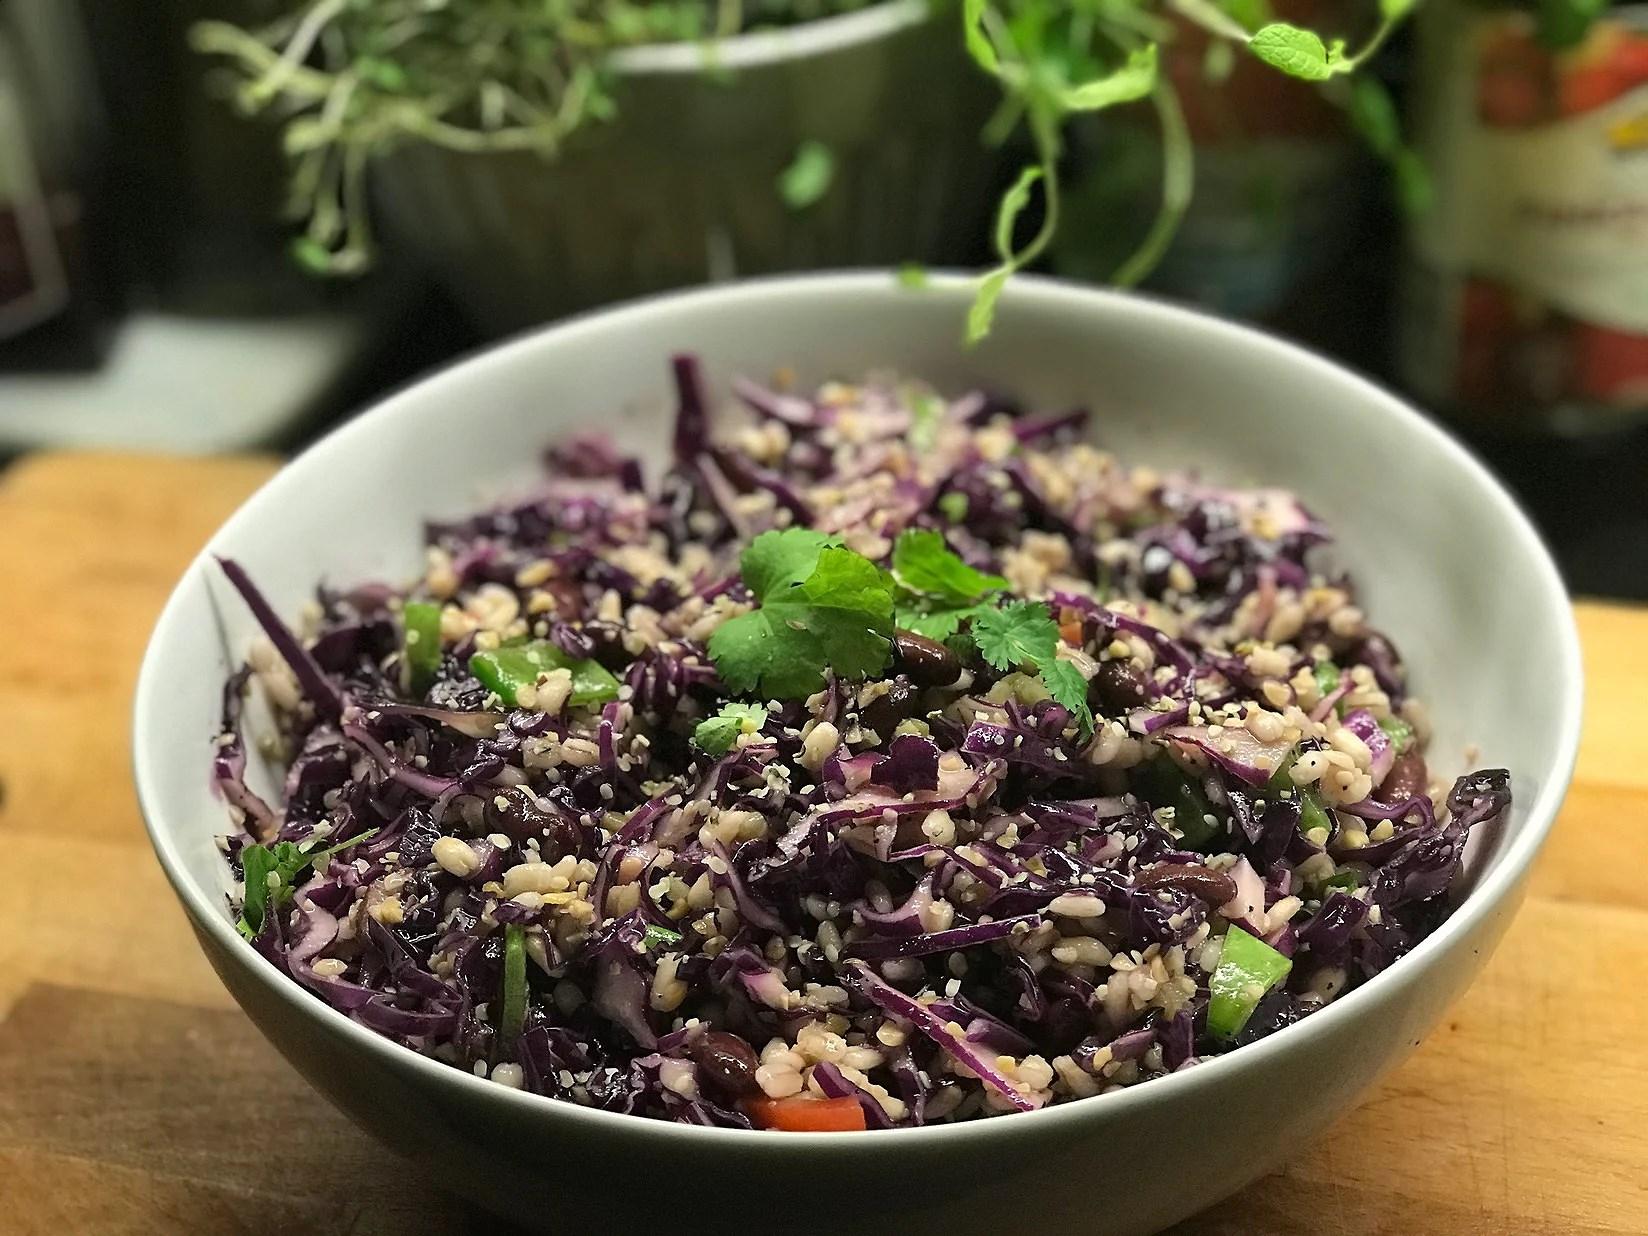 Tidig morgon och sen lunch (vegan recept)